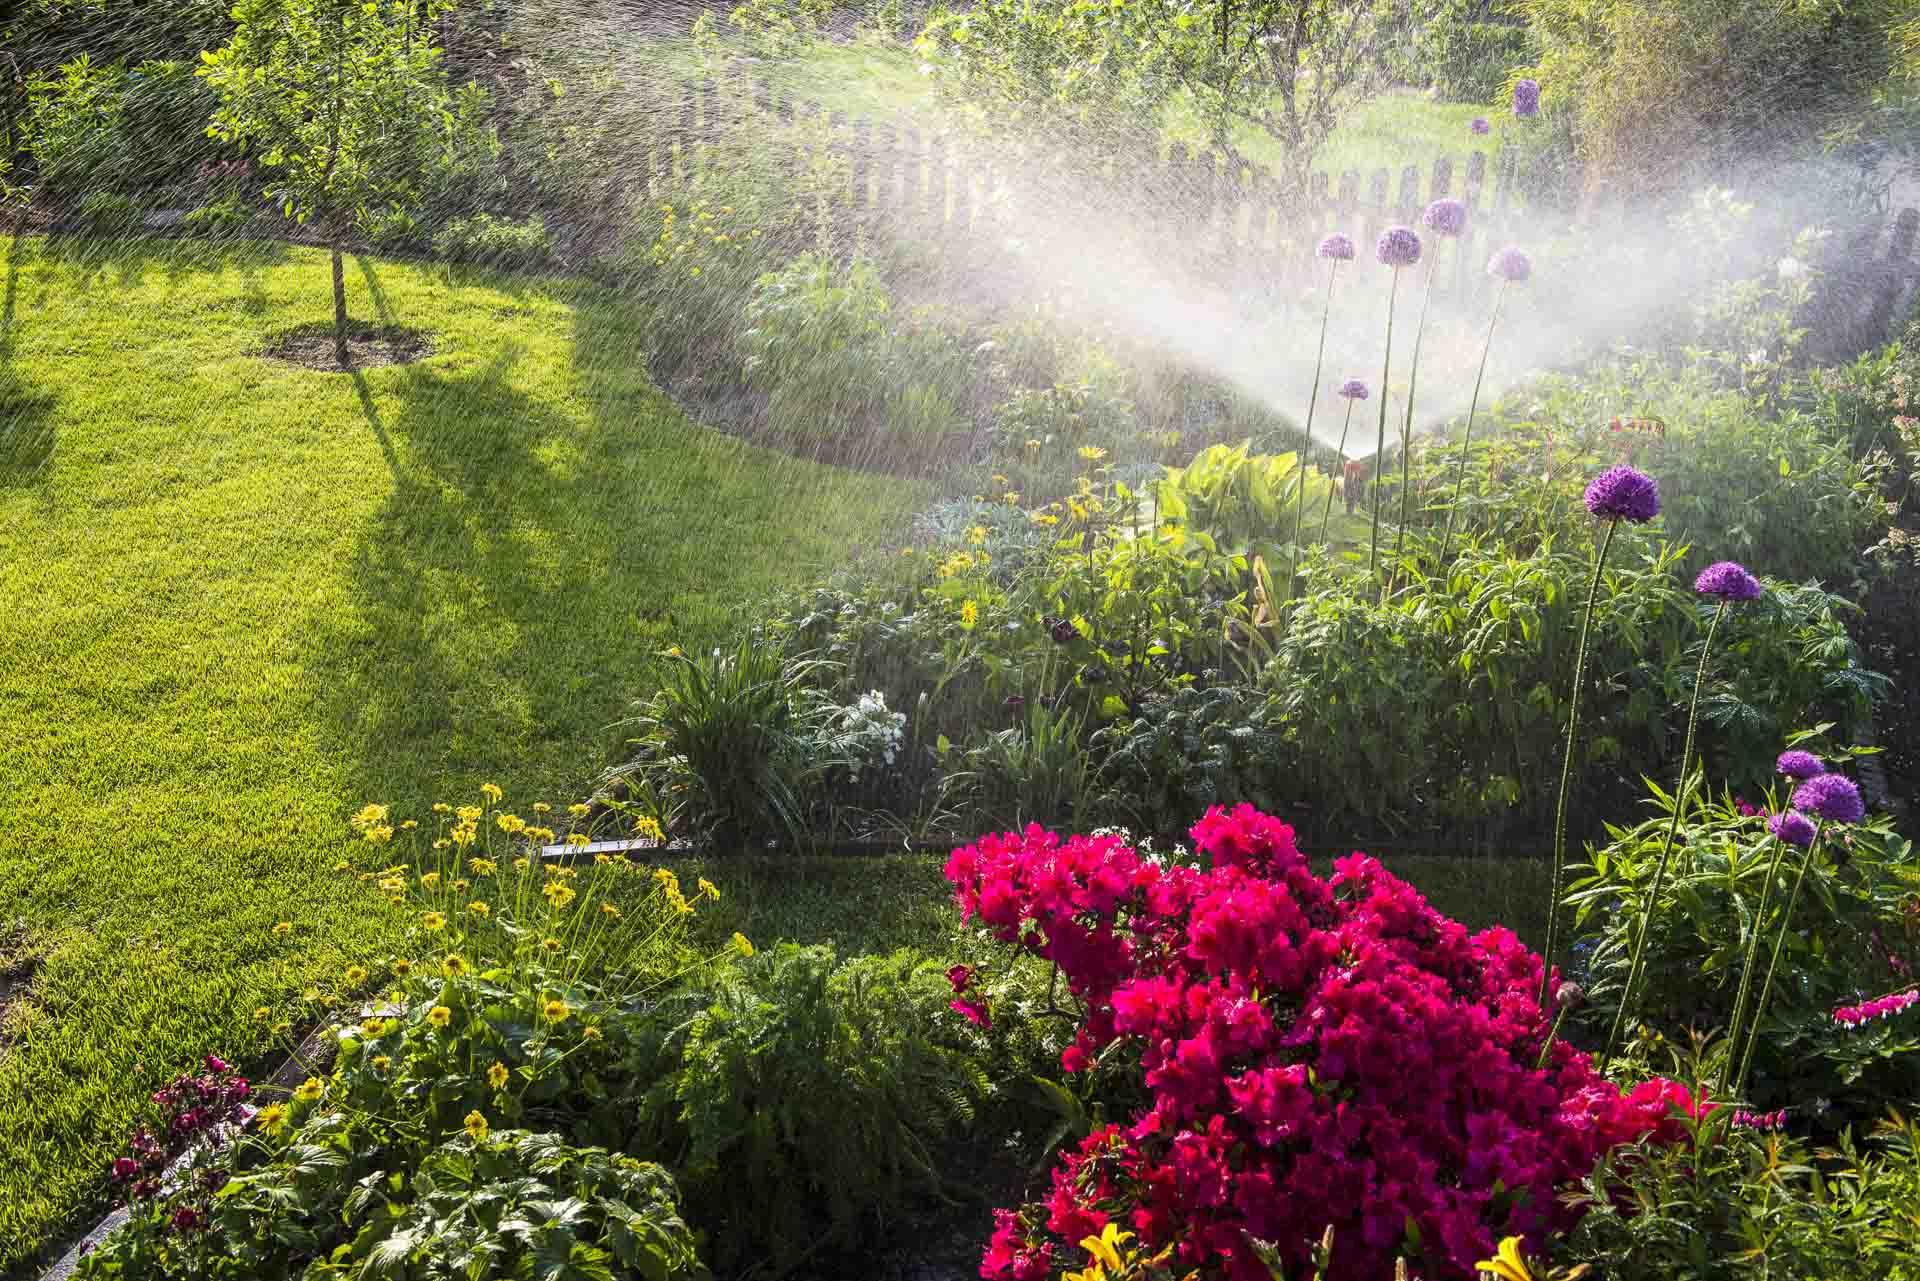 Gärten von Kilian, Gartengestaltung & Gartenpflege, Landschaftsgärtner, im Einsatz